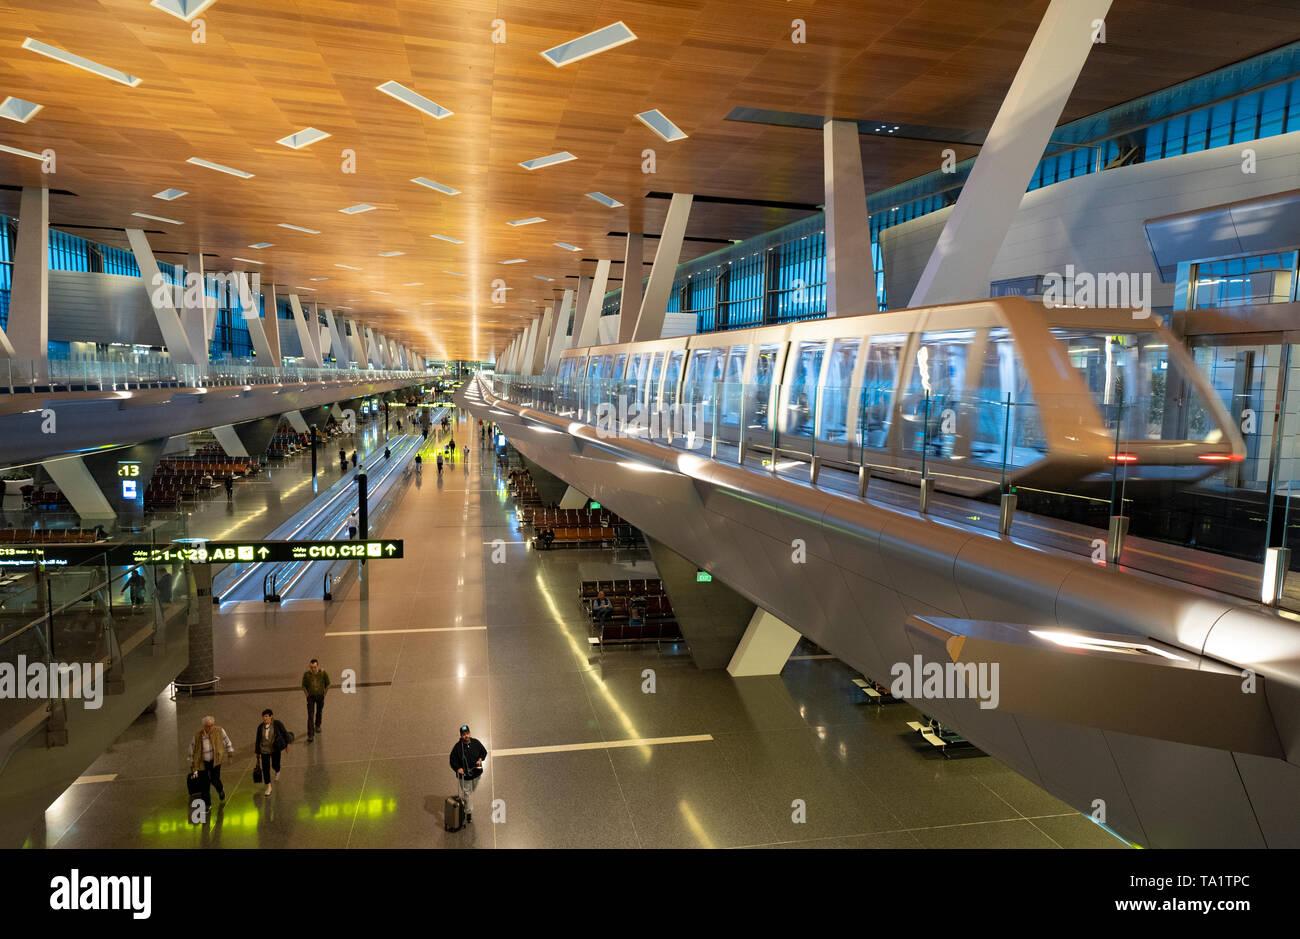 Passeggero elevati il treno navetta nel terminal dell'Hamad dall'Aeroporto Internazionale di Doha in Qatar Foto Stock